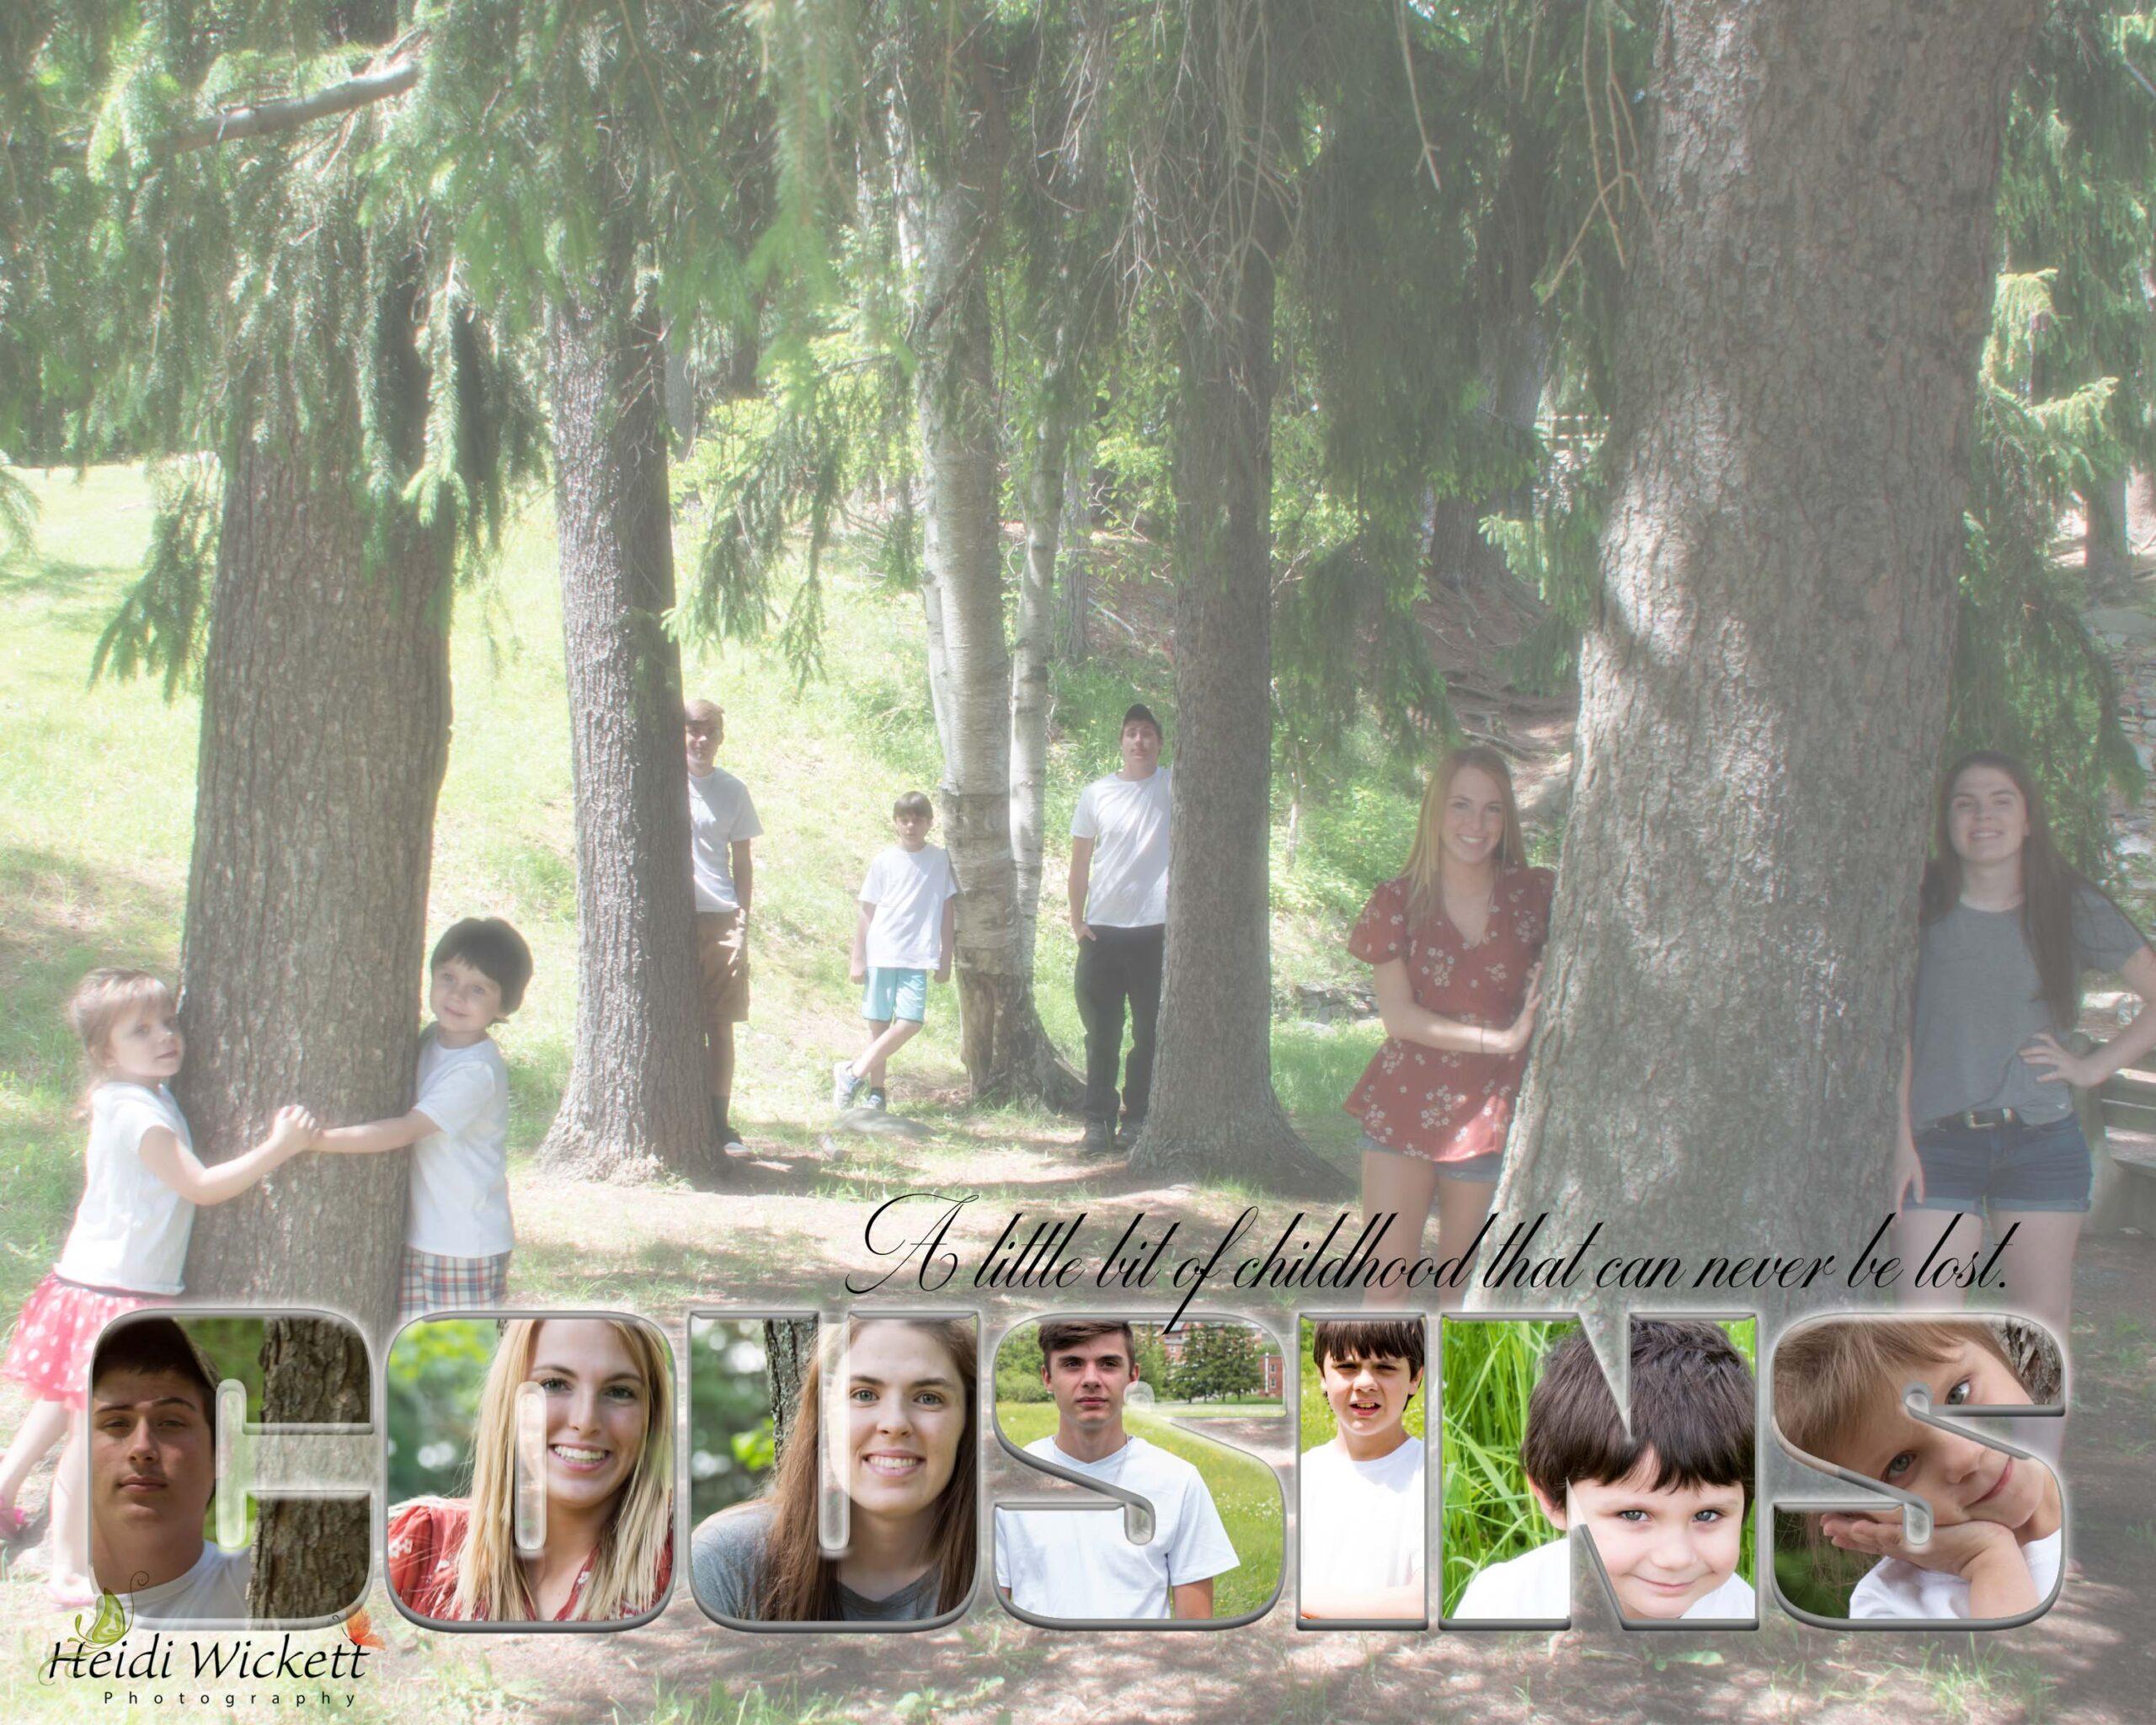 8x10 cousins collage fb